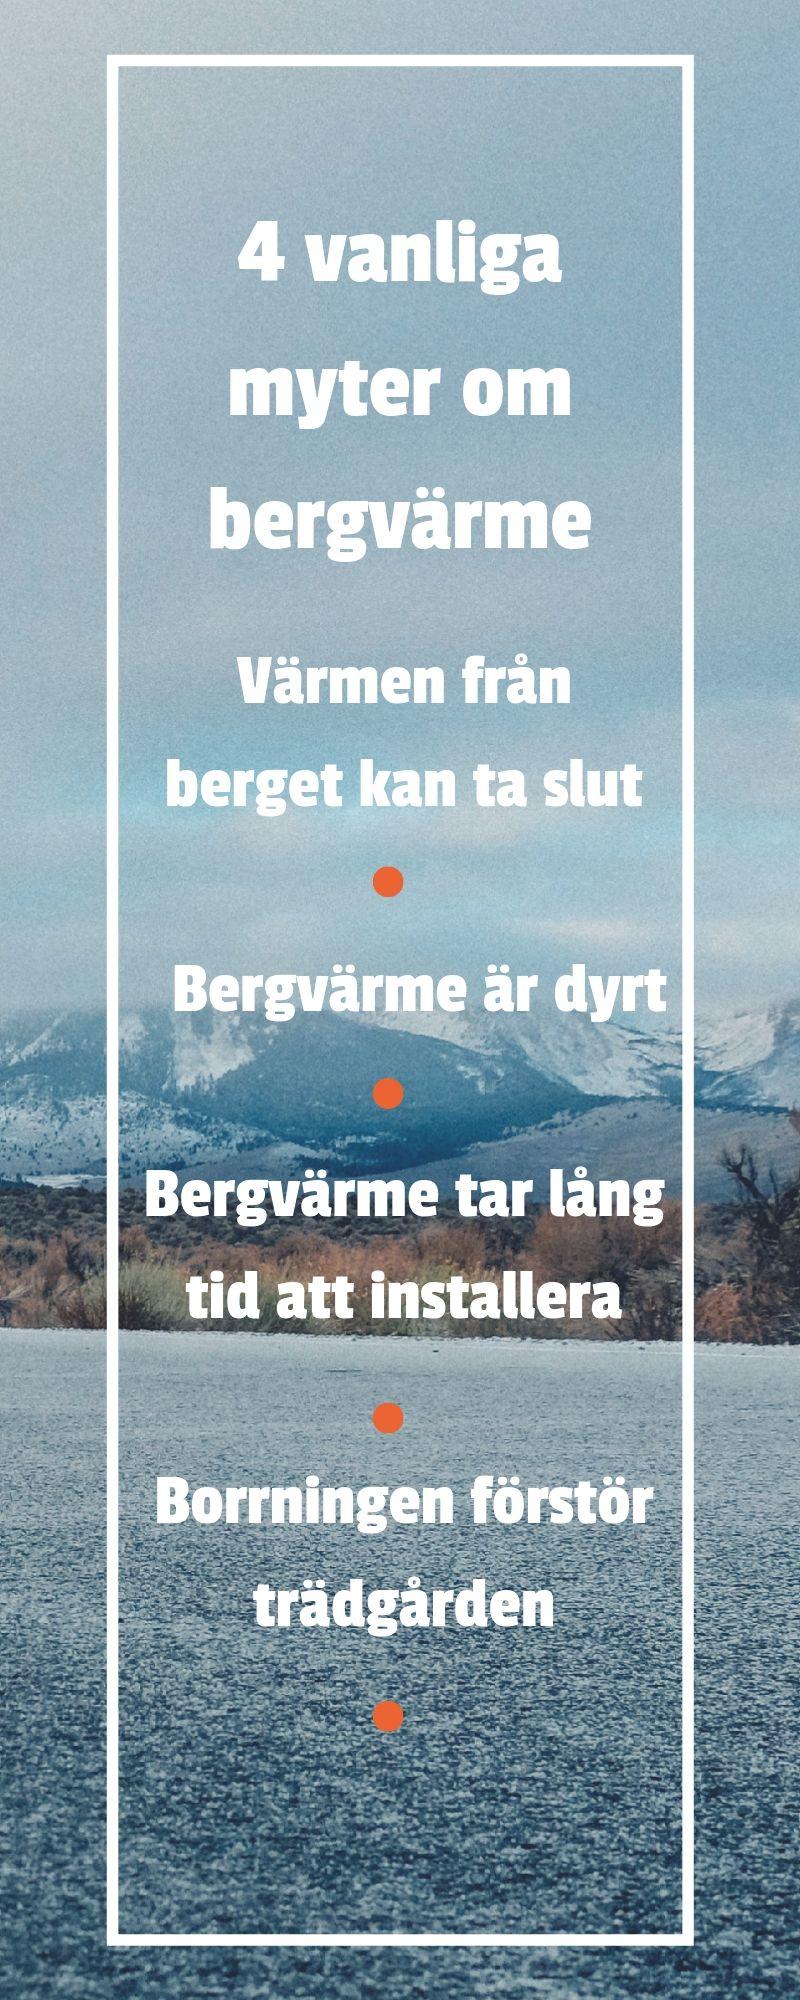 Infografik som sammanfattar 4 myter om bergvärme.